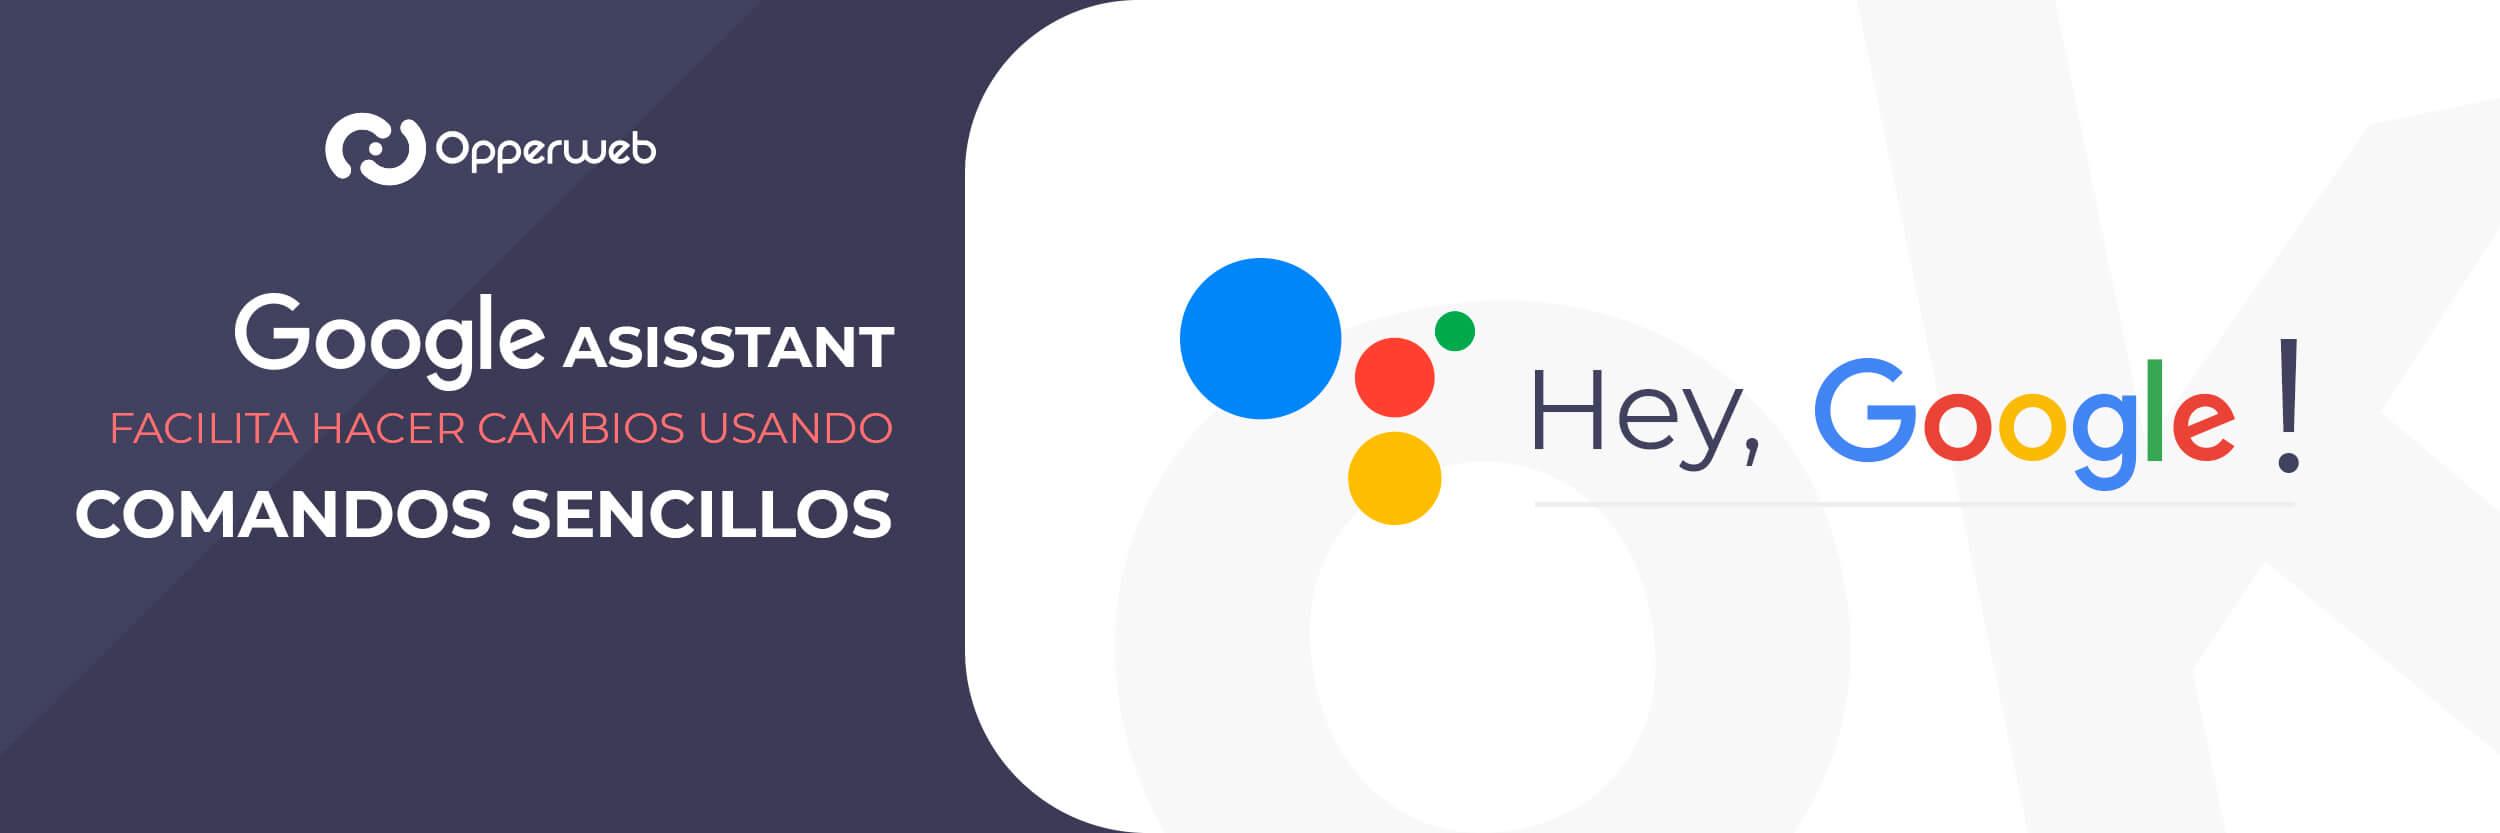 Google Assistant facilita hacer cambios usando comandos sencillos